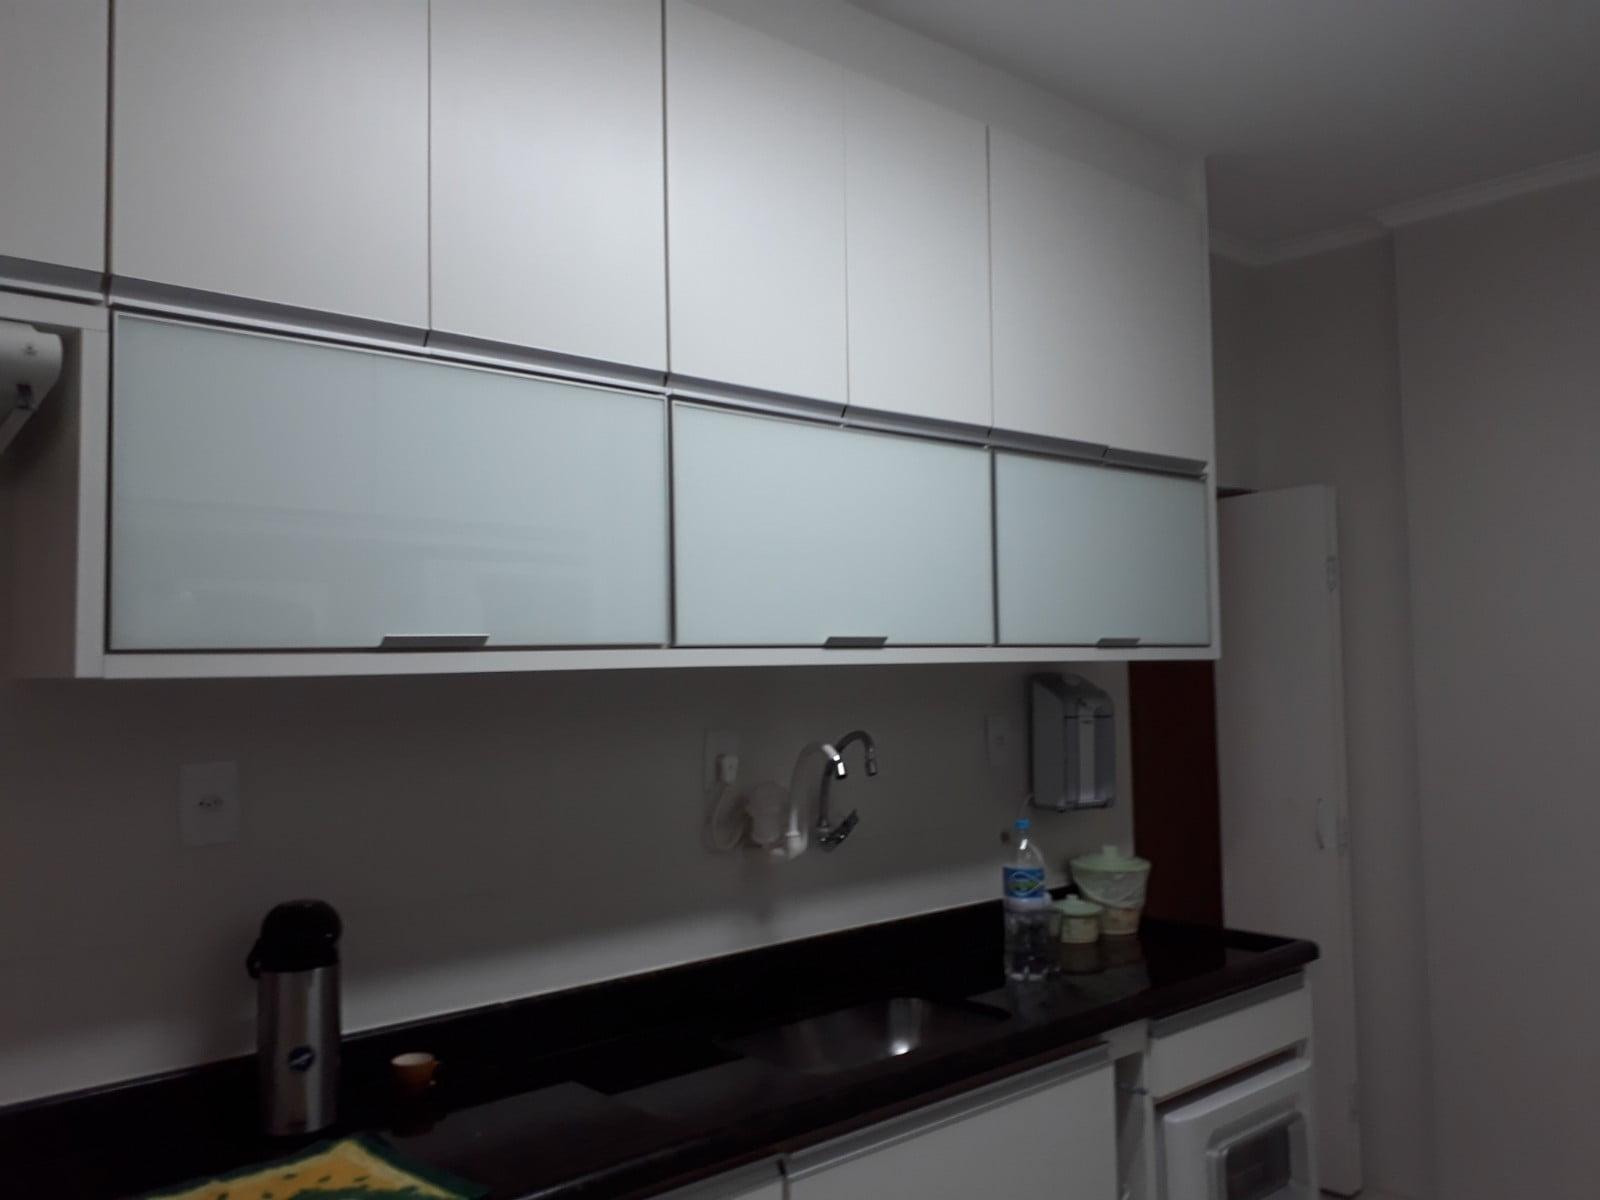 Boqueirão vendo apartamento 2 quartos sendo 1 suite dependência de empregada. - foto 12